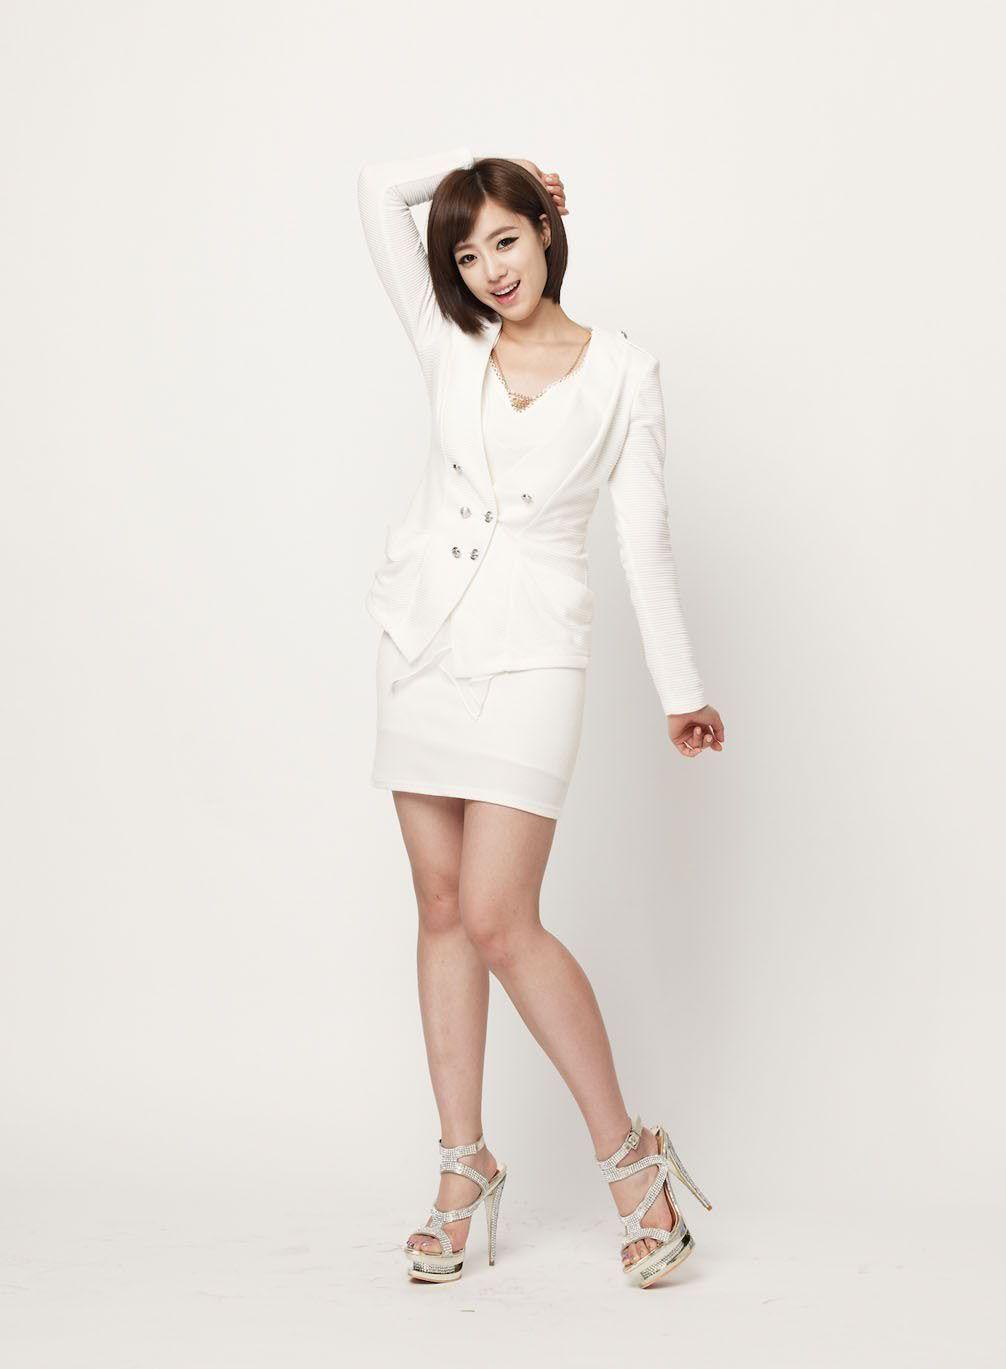 Ham eun jung and kim soo hyun dating yoona